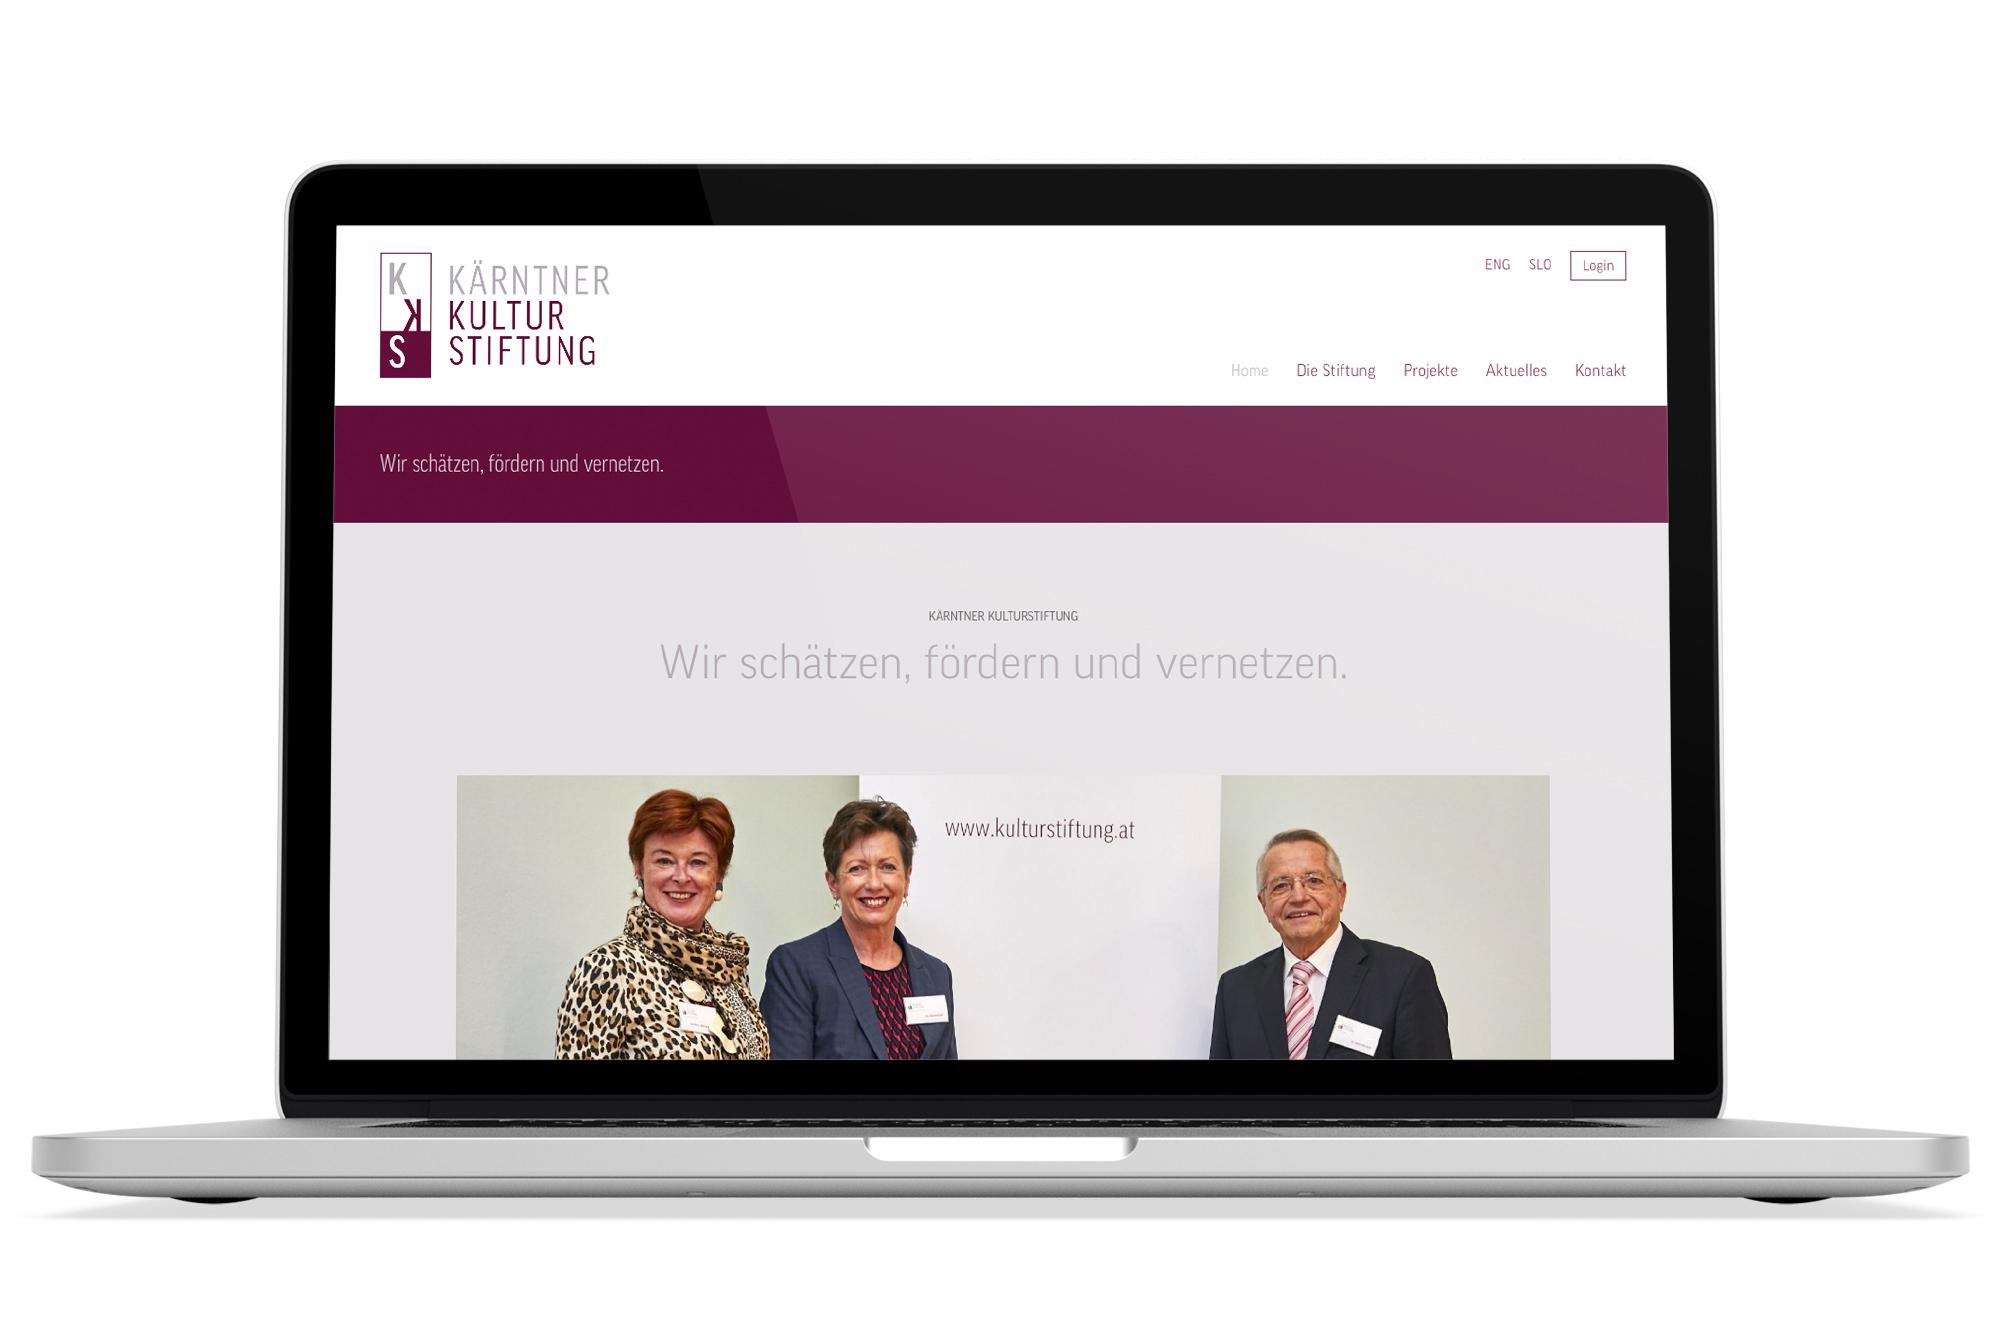 Webdesign Beispiel: Logodesign, Corporate Design, Responsive Webdesign für Kulturstiftung